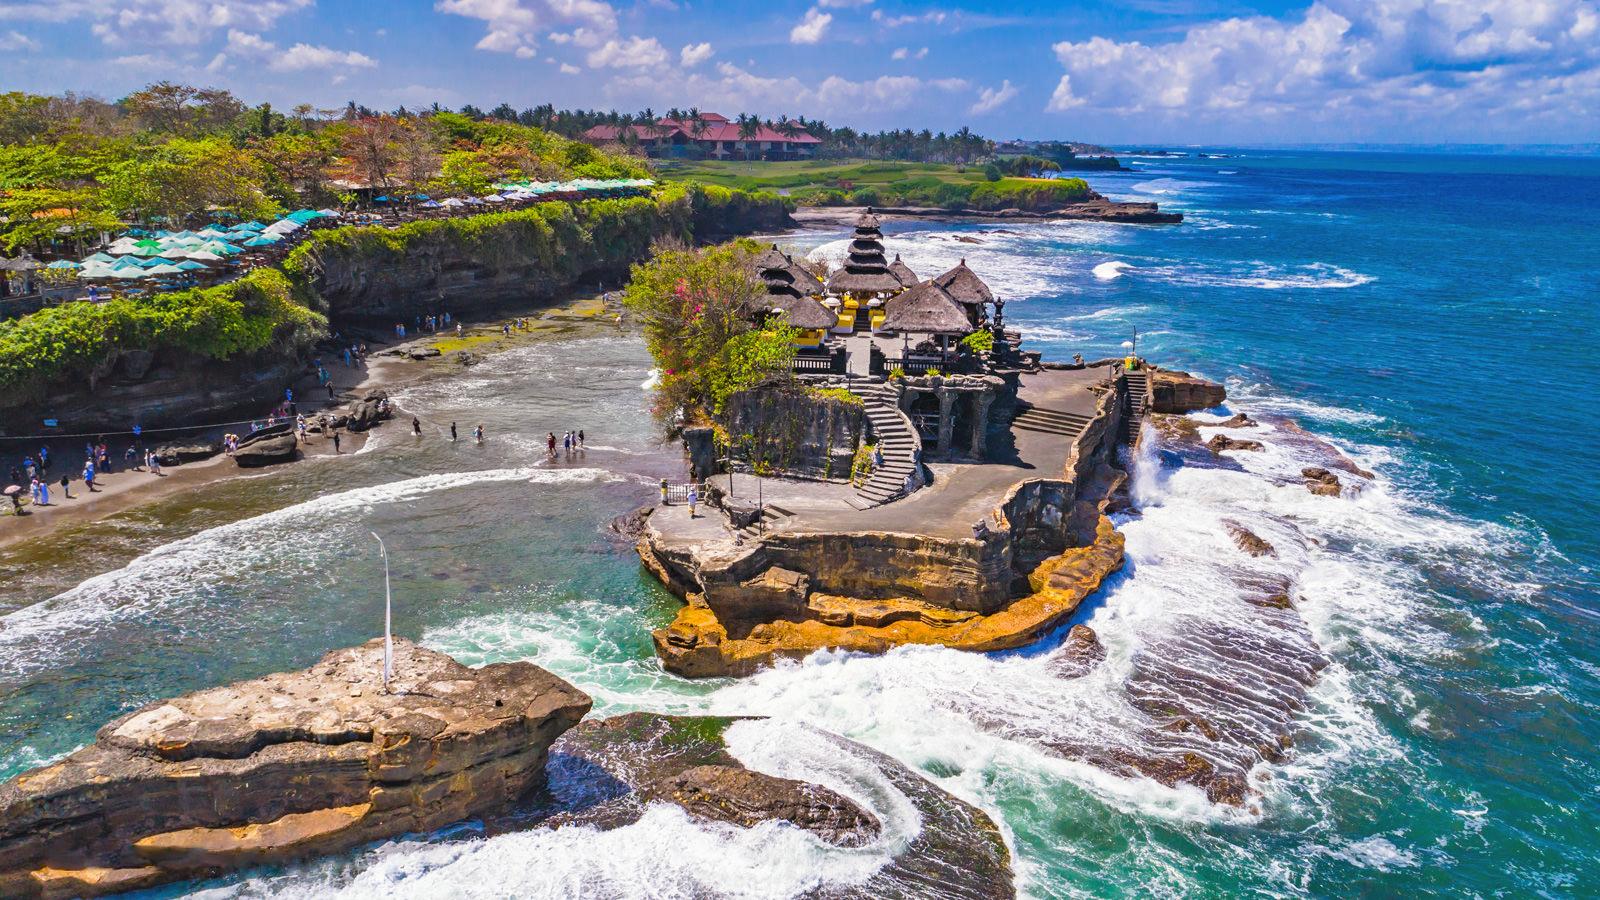 Kinh nghiệm du lịch Bali tự túc: đi Bali hết bao nhiêu tiền?